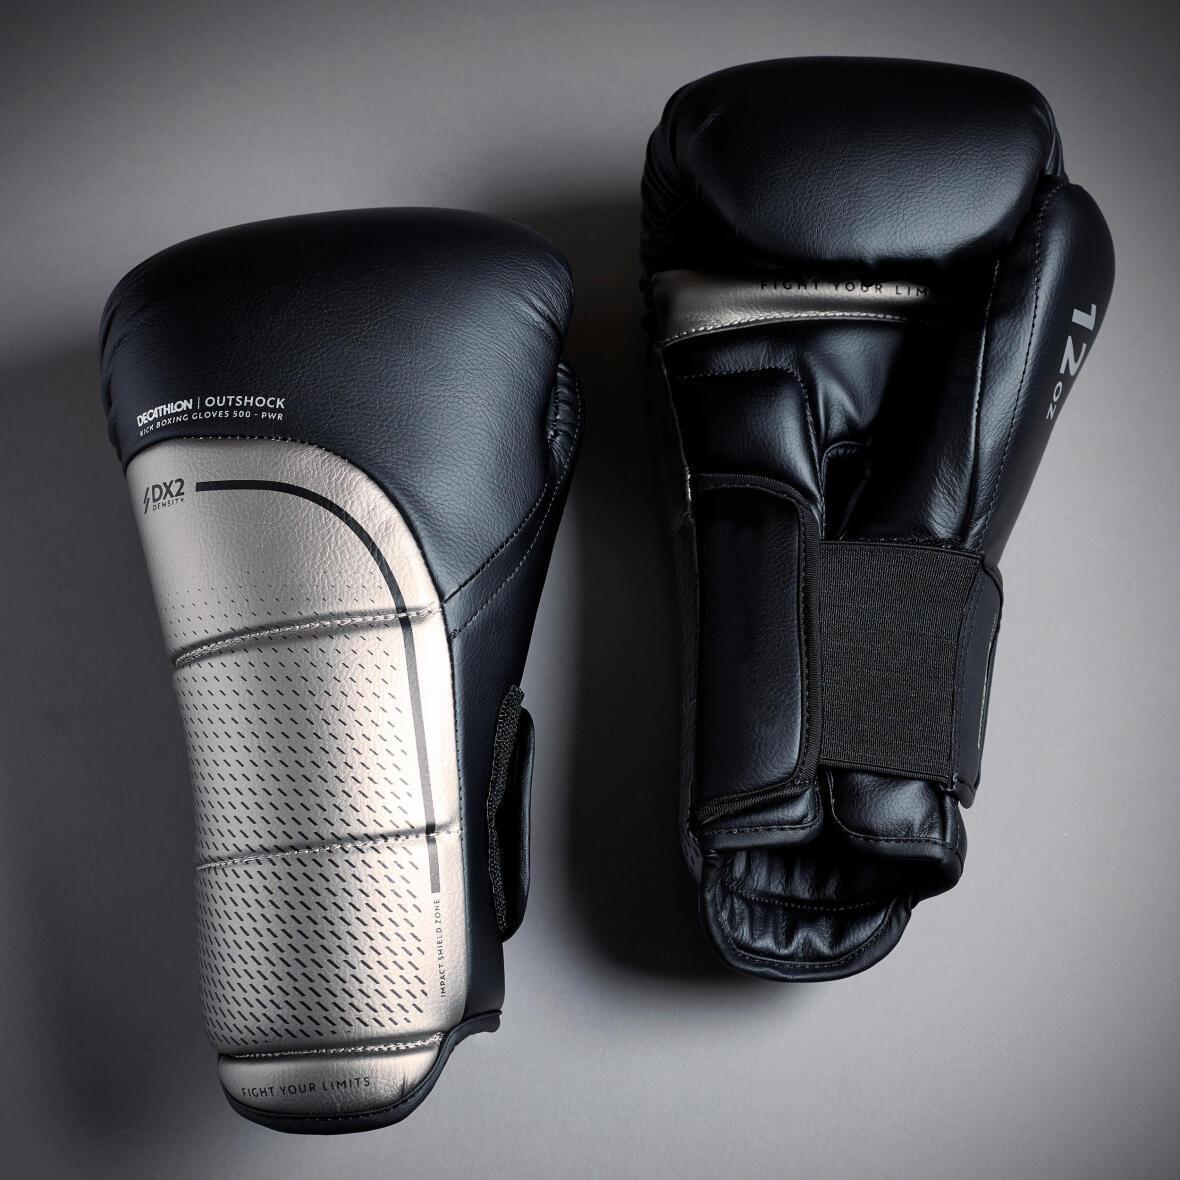 Gants de kick-boxing